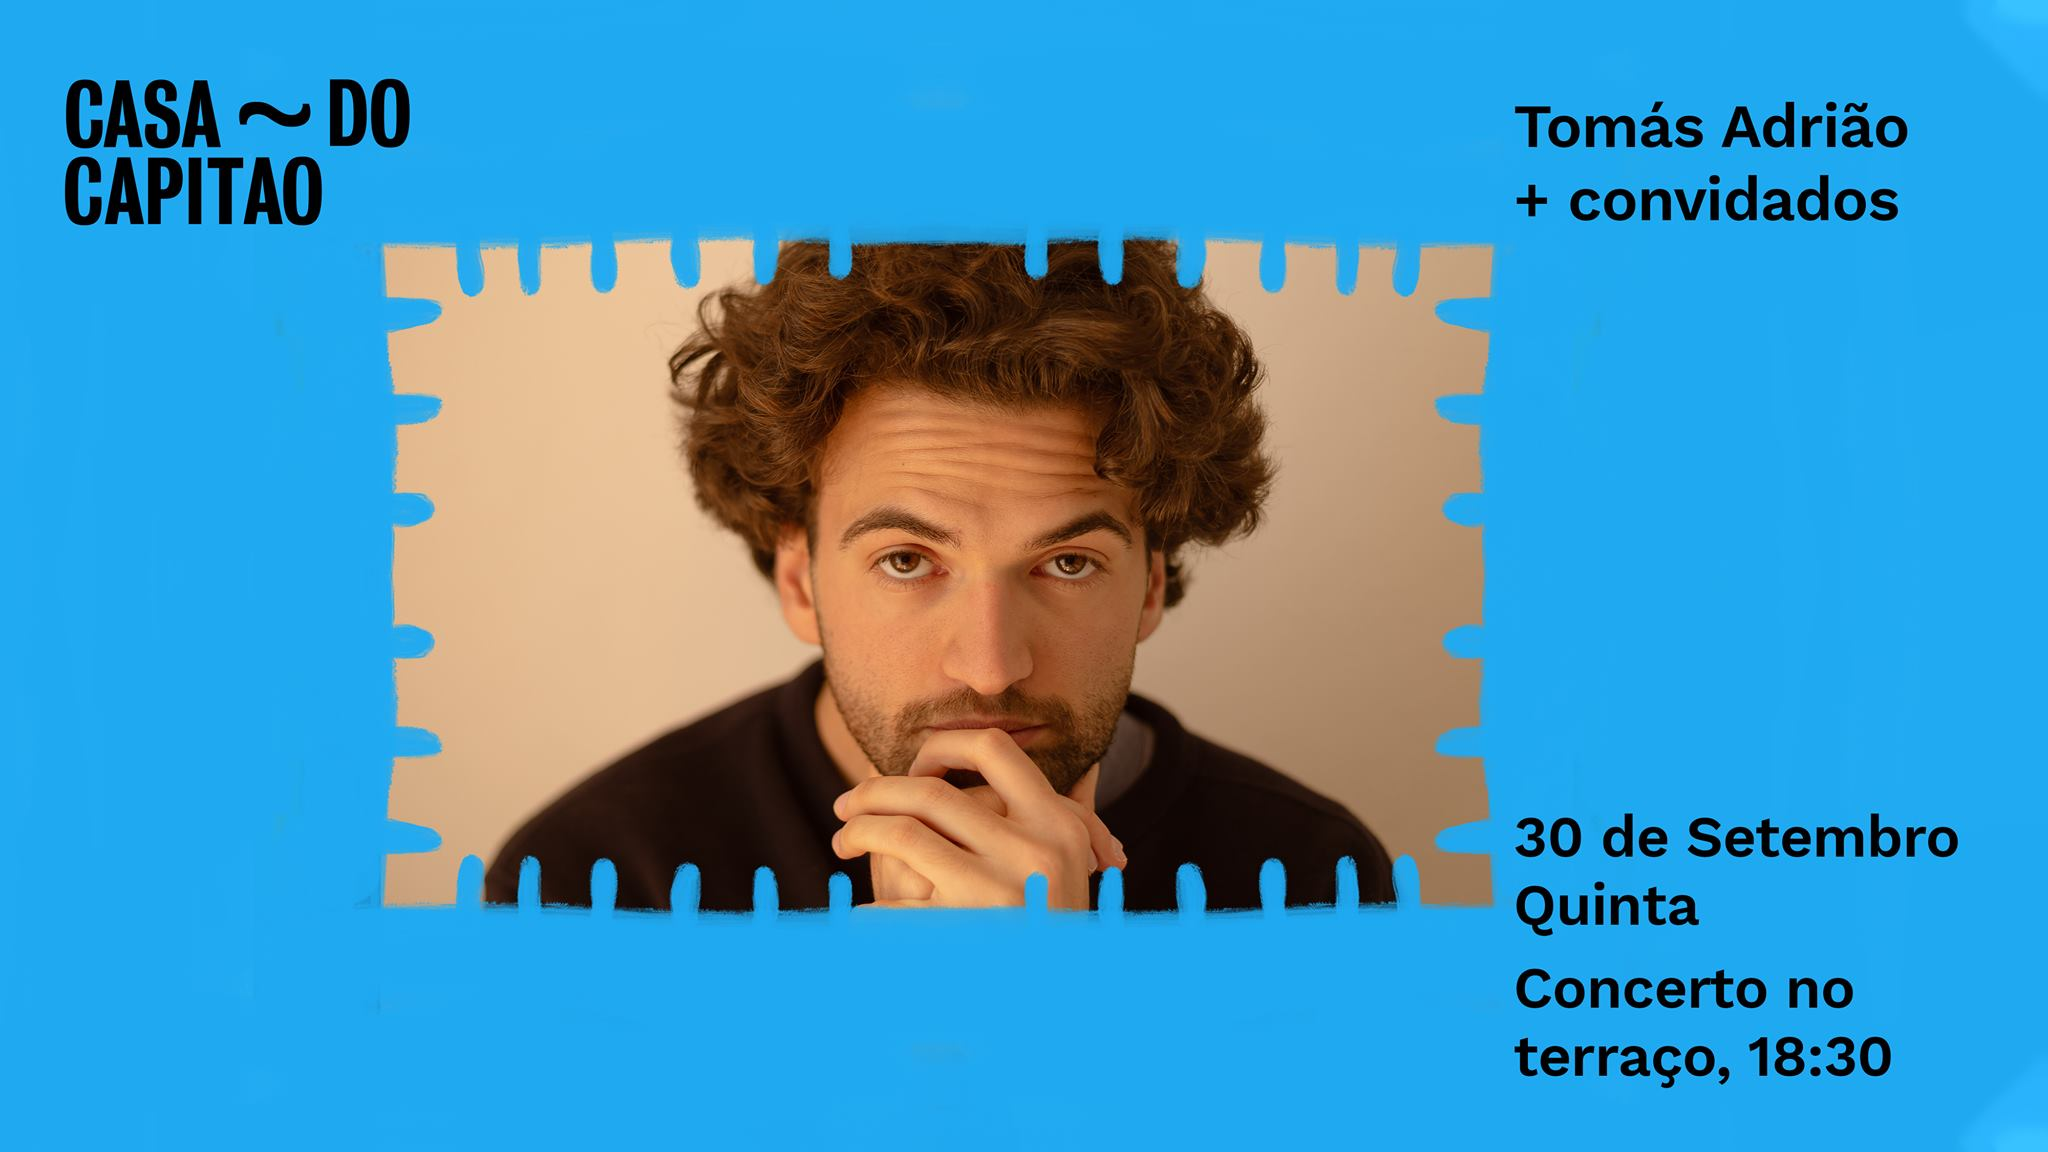 Tomás Adrião + Convidados